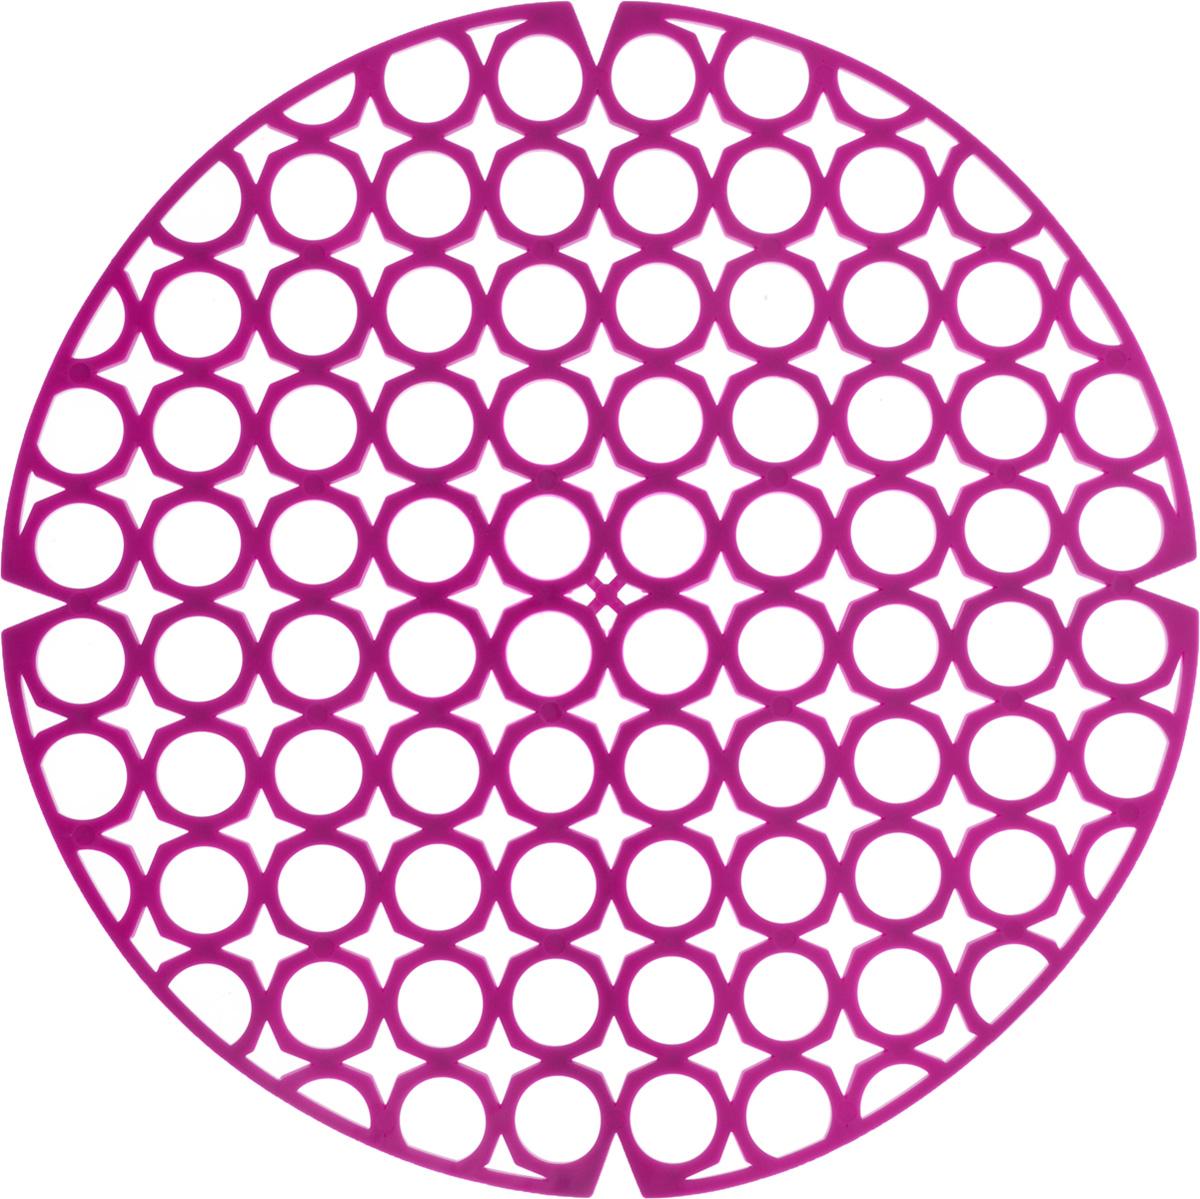 Коврик для раковины York, цвет: фиолетовый, диаметр 27,5 см9560/095600_фиолетовыйСтильный и удобный коврик для раковины York изготовлен из сложных полимеров. Он одновременно выполняет несколько функций: украшает, защищает мойку от царапин и сколов, смягчает удары при падении посуды в мойку. Коврик также можно использовать для сушки посуды, фруктов и овощей. Он легко очищается отгрязи и жира.Диаметр: 27,5 см.